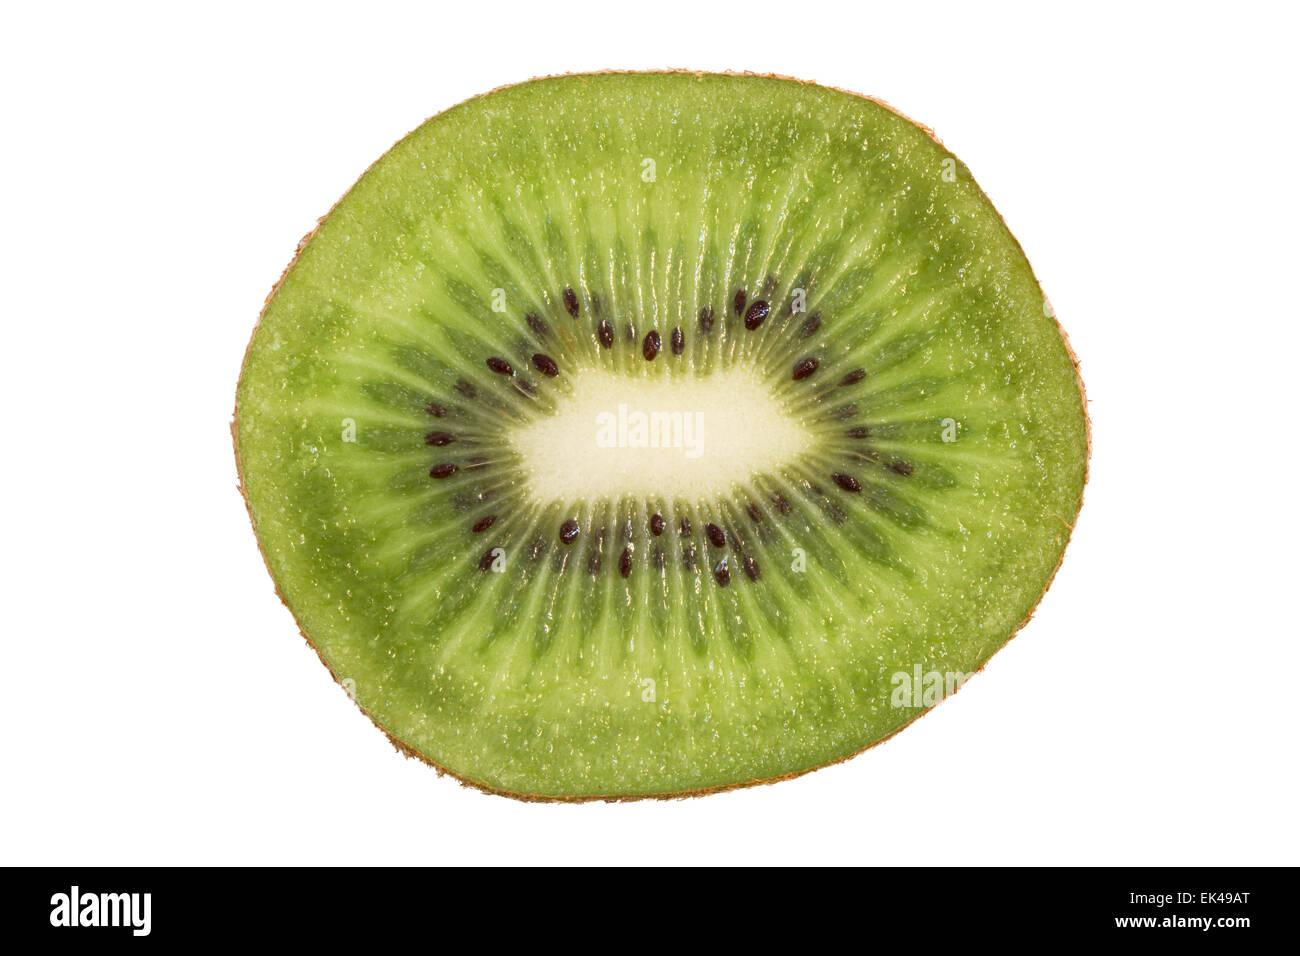 Nahaufnahme von einem in Scheiben geschnittenen Kiwi (auch bekannt als Kiwi oder Chinesische Stachelbeere) von vorne Stockbild